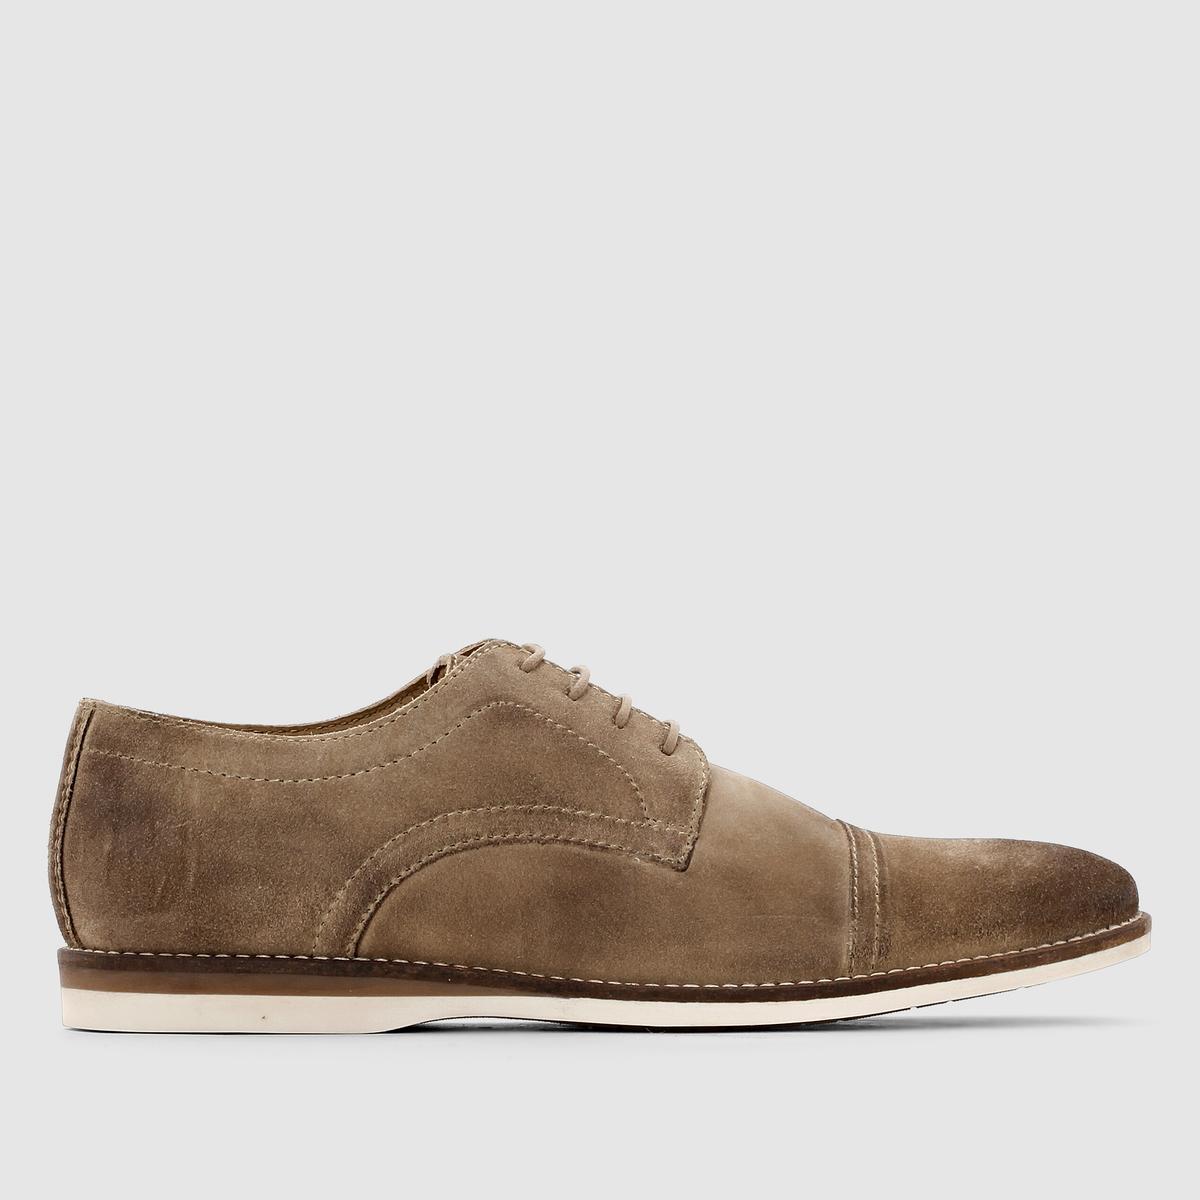 Ботинки-дерби кожаные на шнуровке Concoct